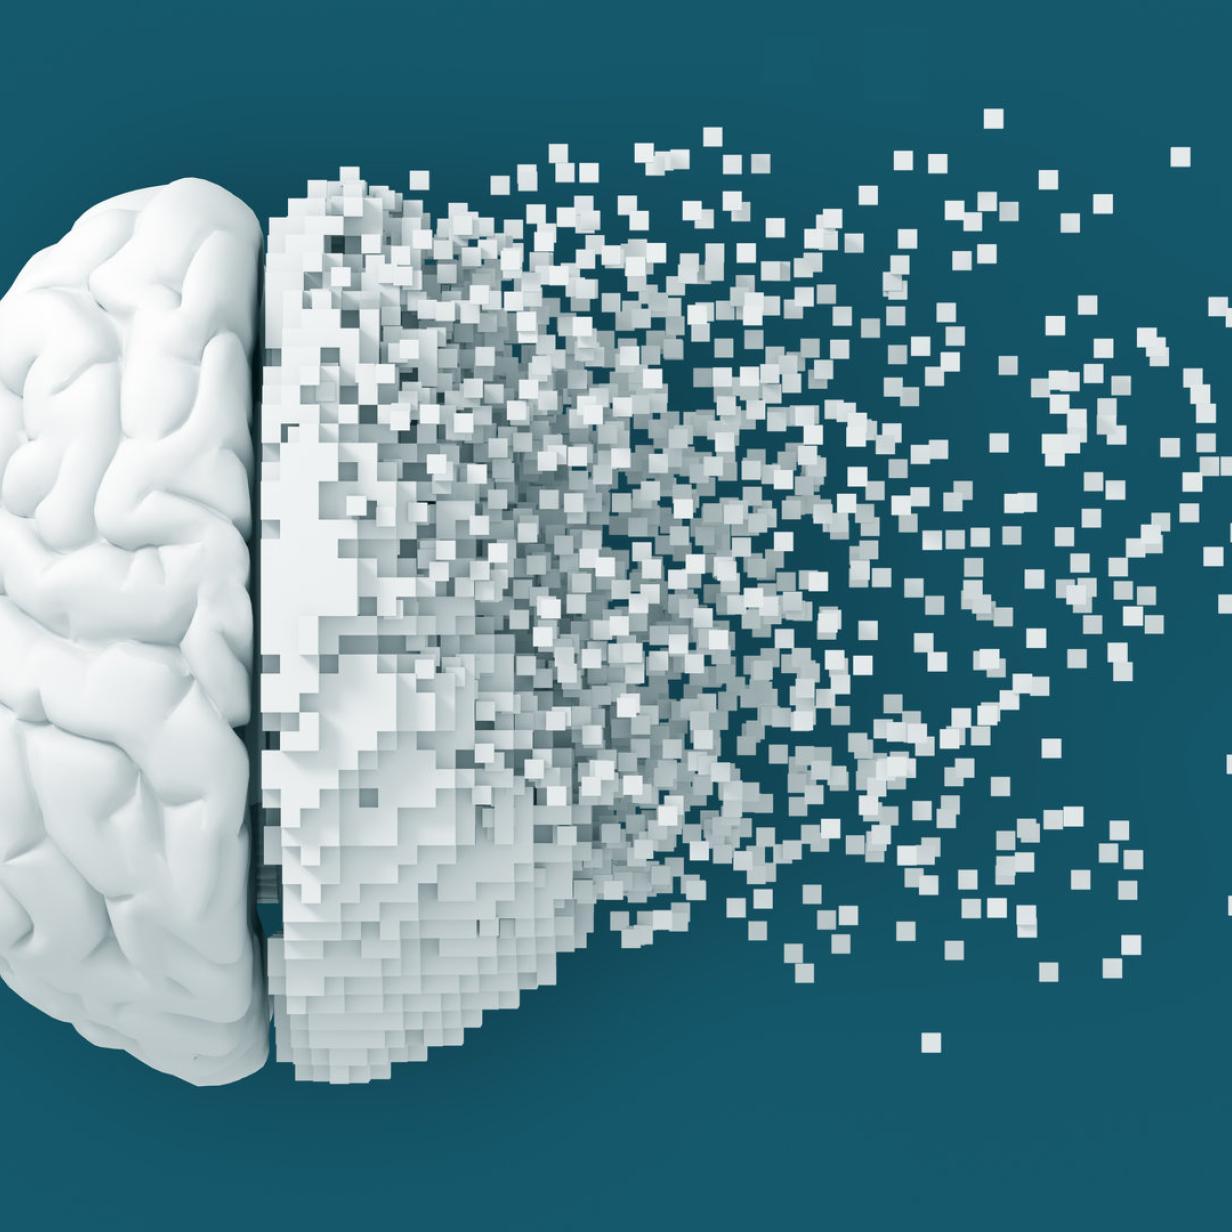 Anit-Flynn-Effekt: Warum unser IQ sinkt